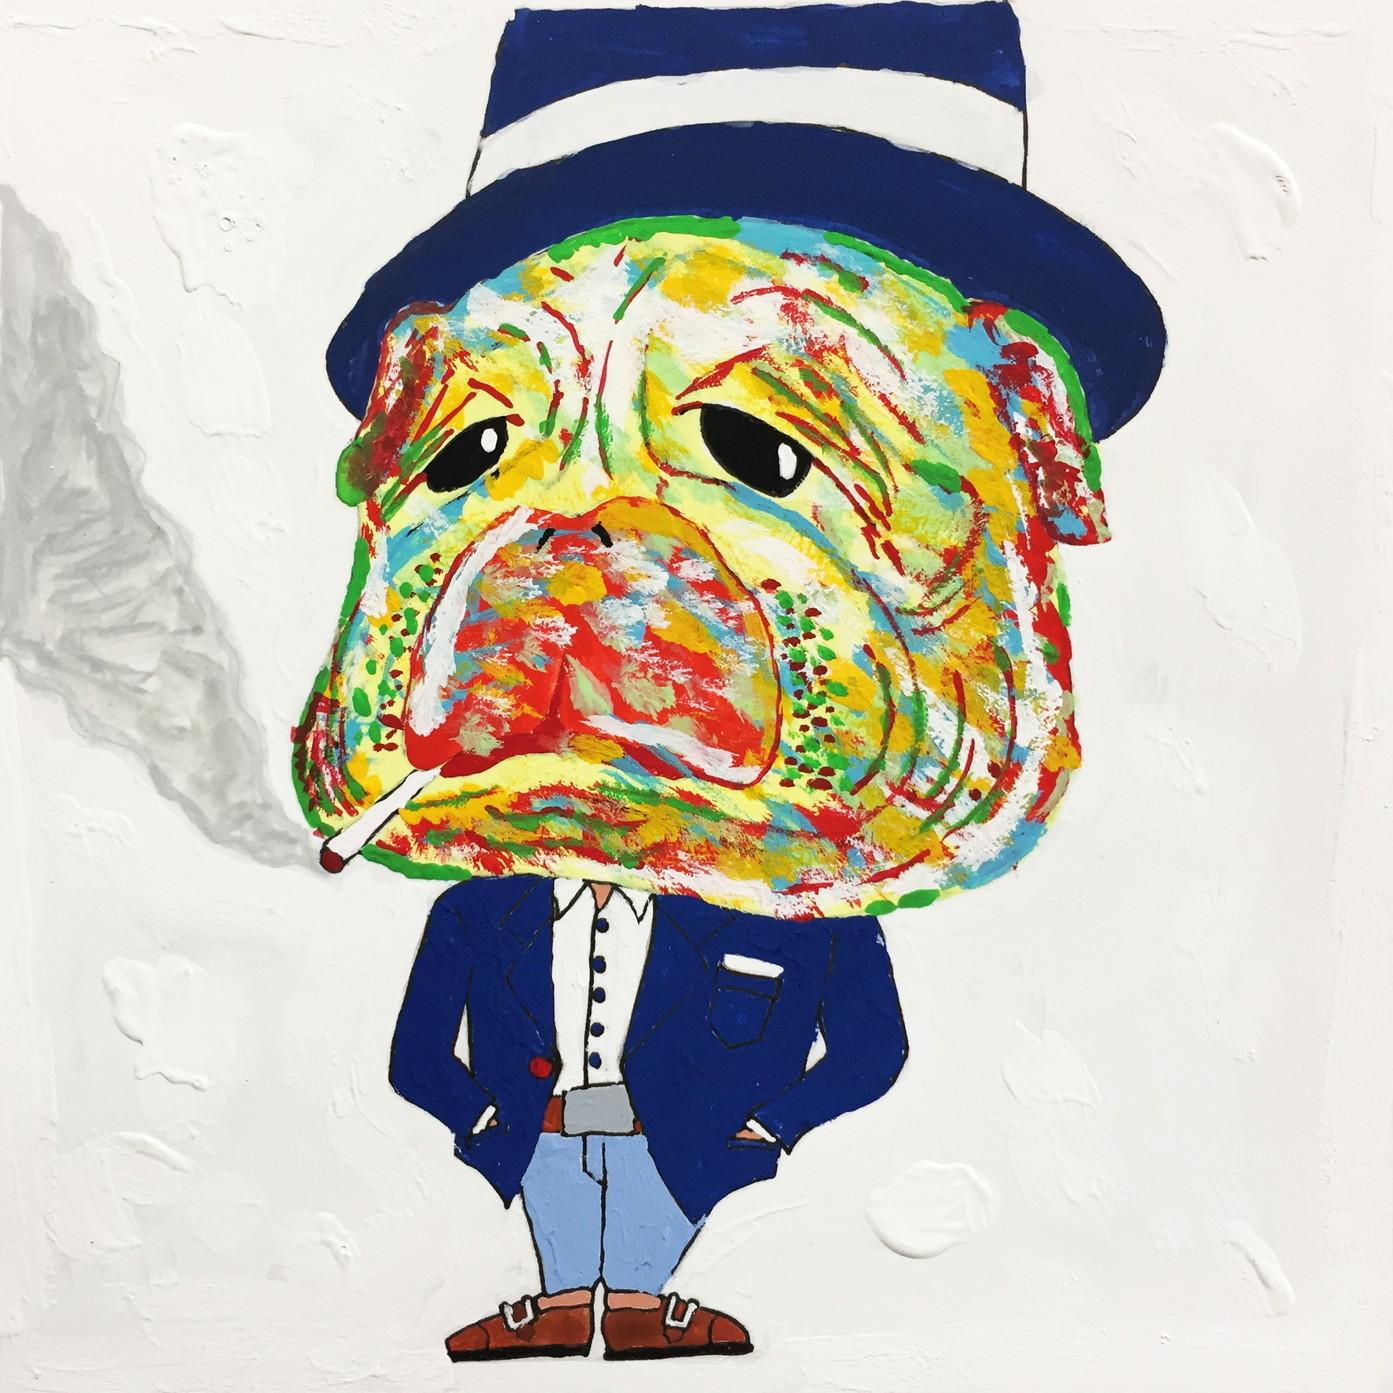 絵画 インテリア アートパネル 雑貨 壁掛け 置物 おしゃれ アクリル画 イラスト 犬 動物 ロココロ 画家 : yuki 作品 : 黄昏